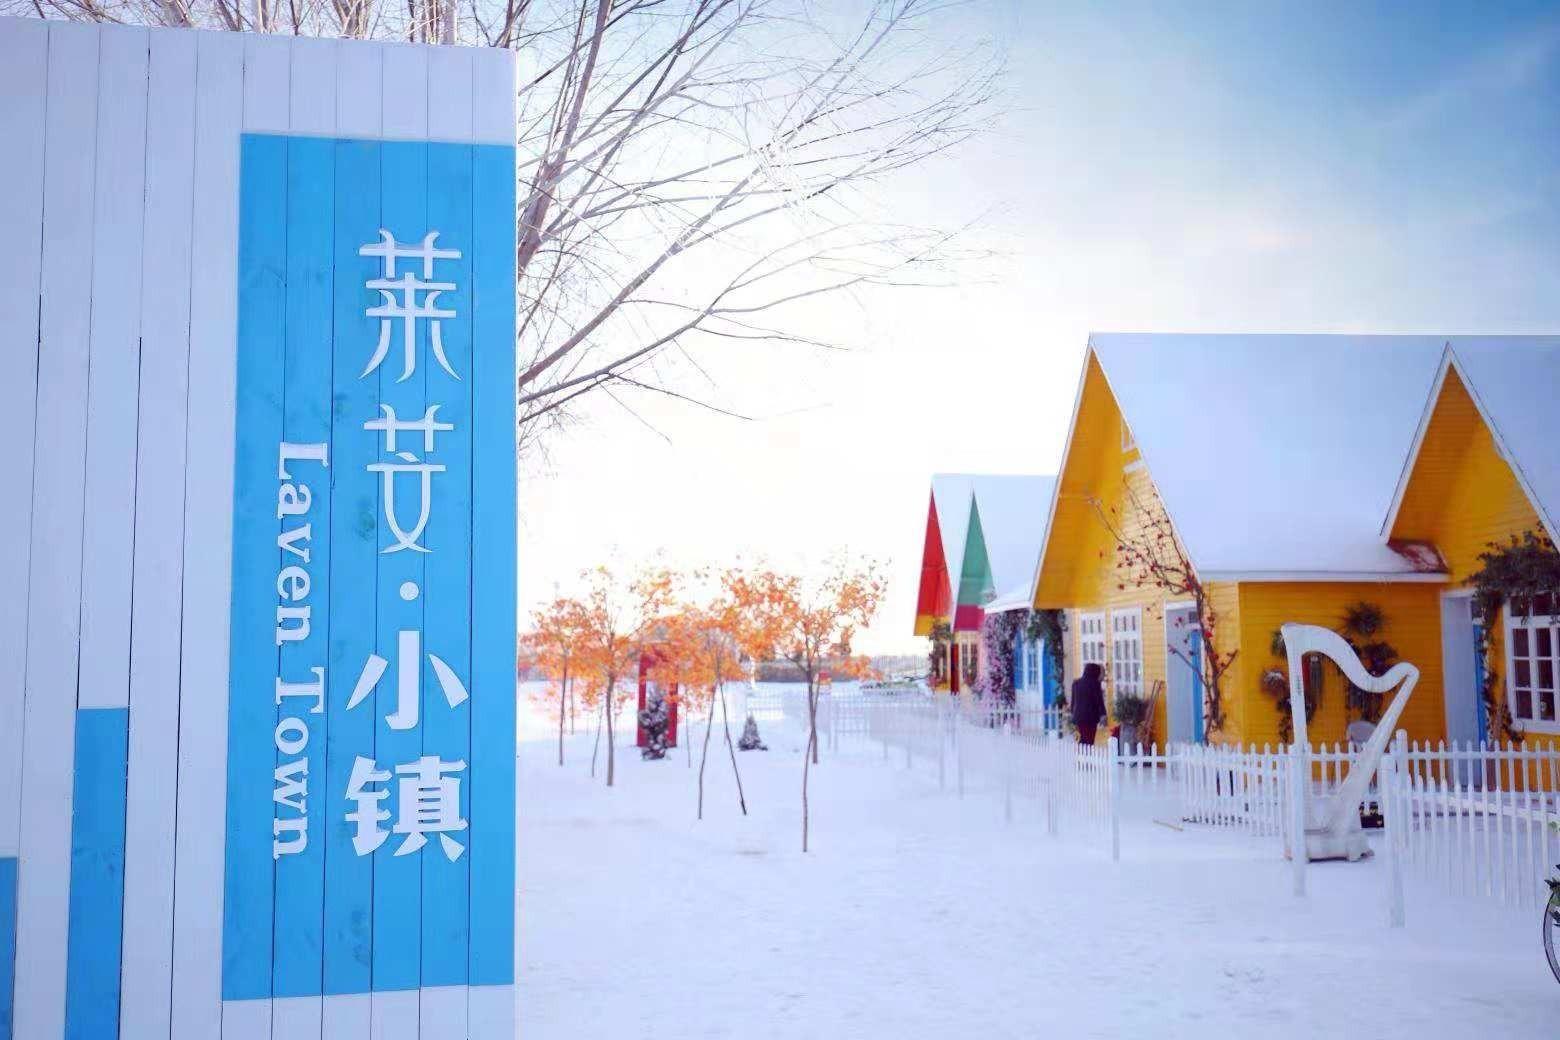 【第二波】莱芠小镇-门票+雪圈(50分钟)-预售19.9元(大小同价)有效期至12月31日